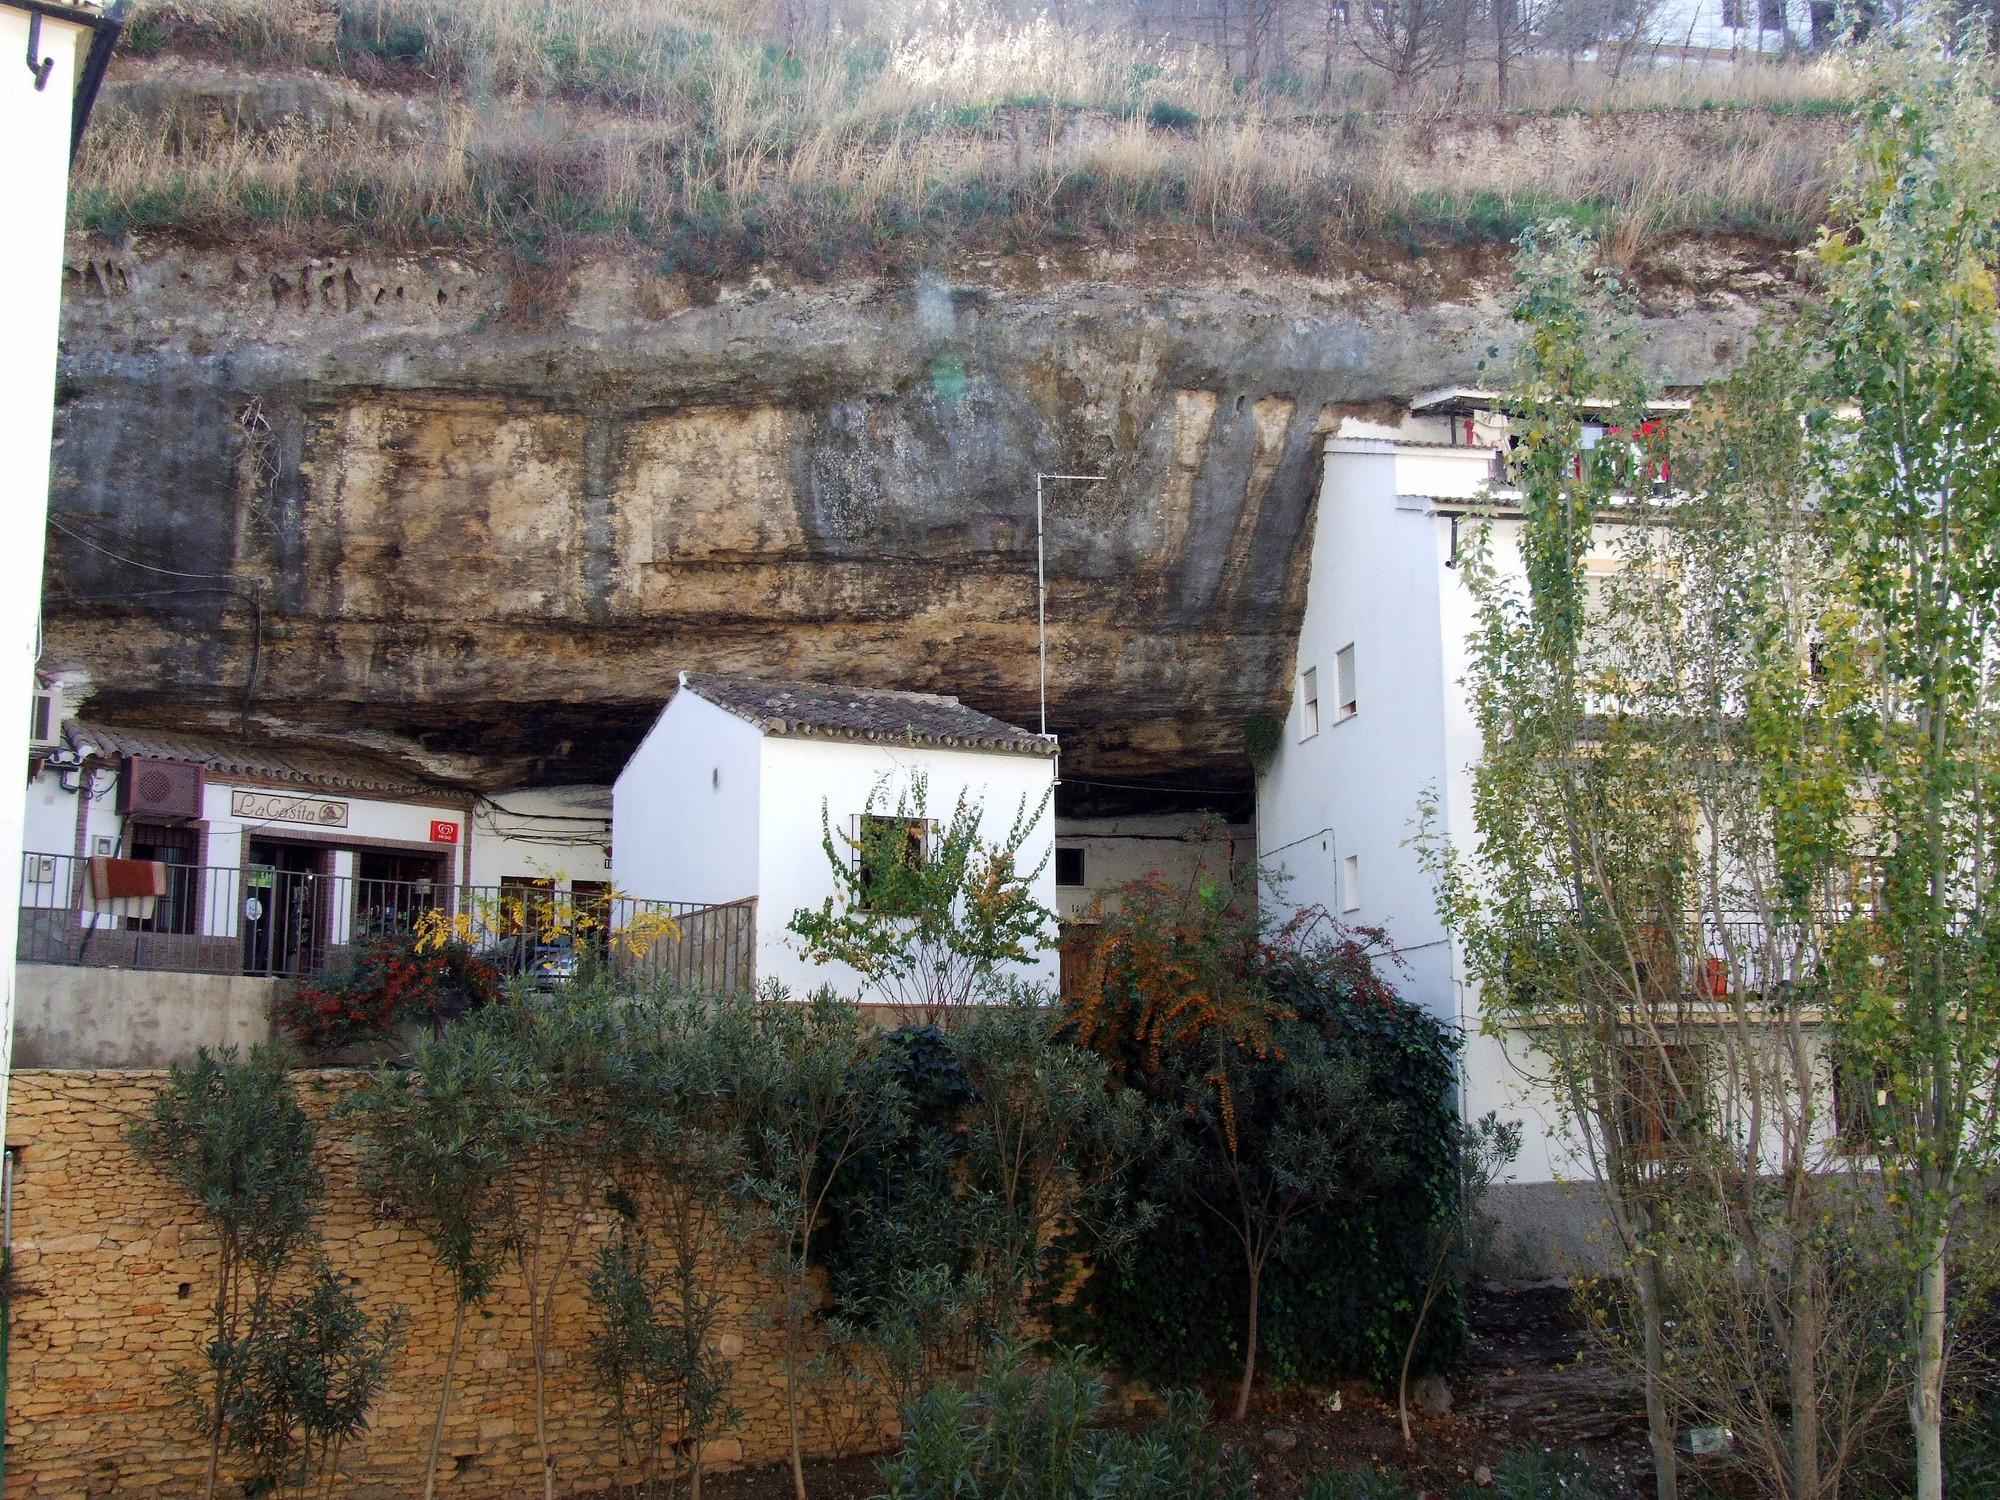 4. Setenil de las Bodegas - Living Under a Rock: Setenil de las Bodegas, Cádiz